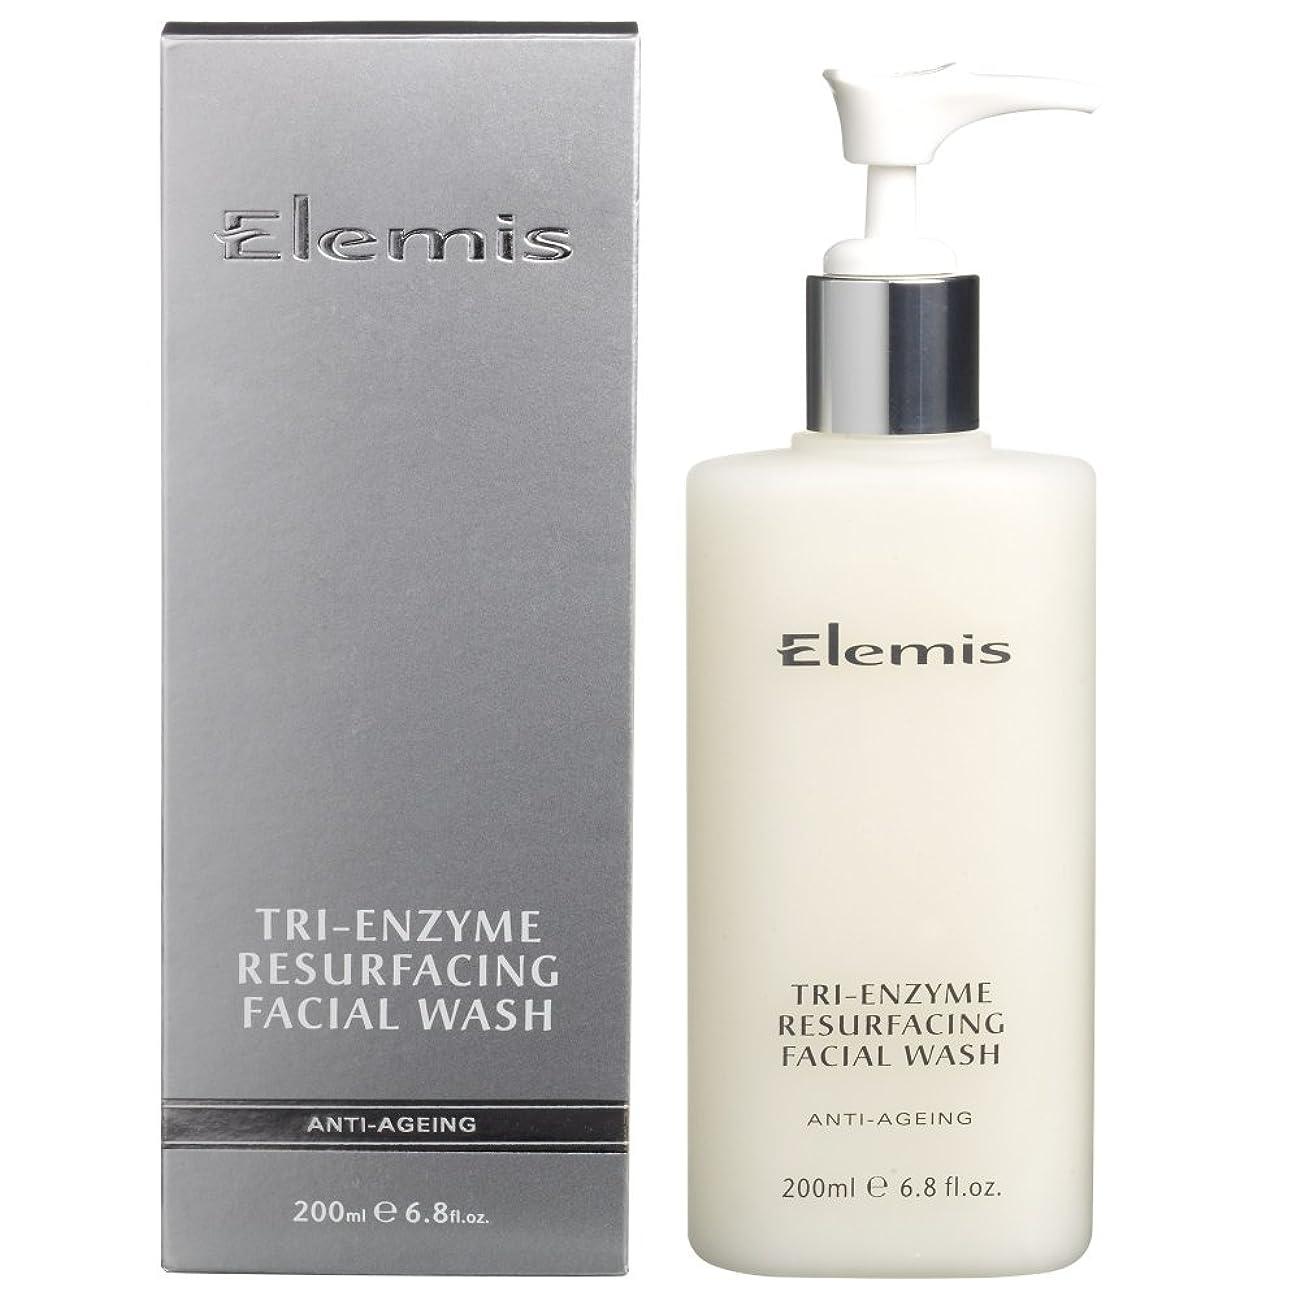 残忍な離れたブレイズ洗顔料を表面再建エレミストライ酵素 (Elemis) (x2) - Elemis Tri-Enzyme Resurfacing Facial Wash (Pack of 2) [並行輸入品]